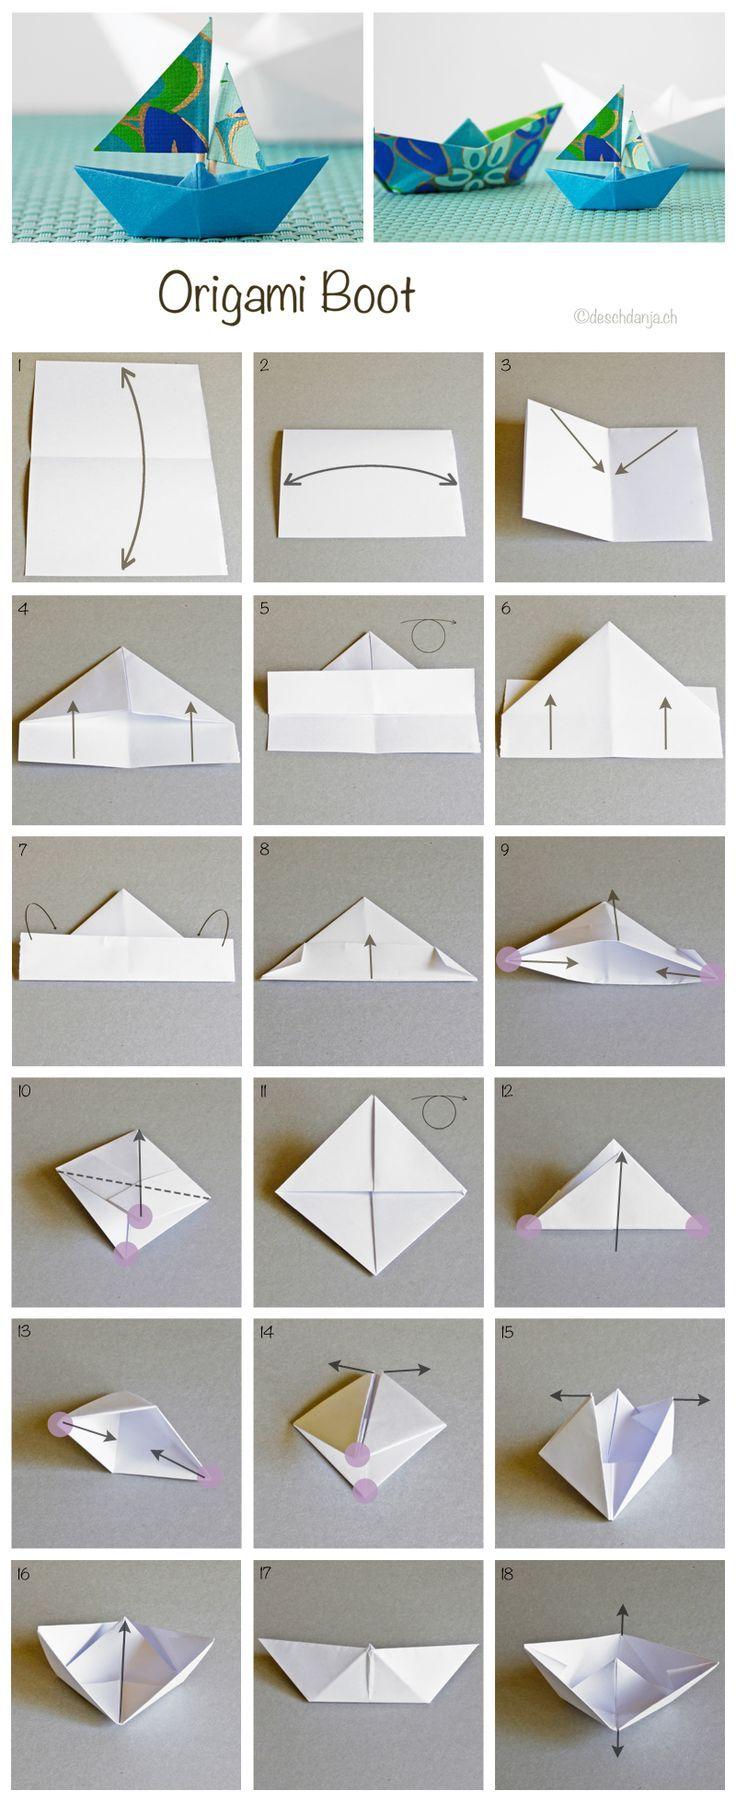 Origami enfant http://www.papa-blogueur.fr/coloriages-et-activites-a-imprimer-de-la-bretagne